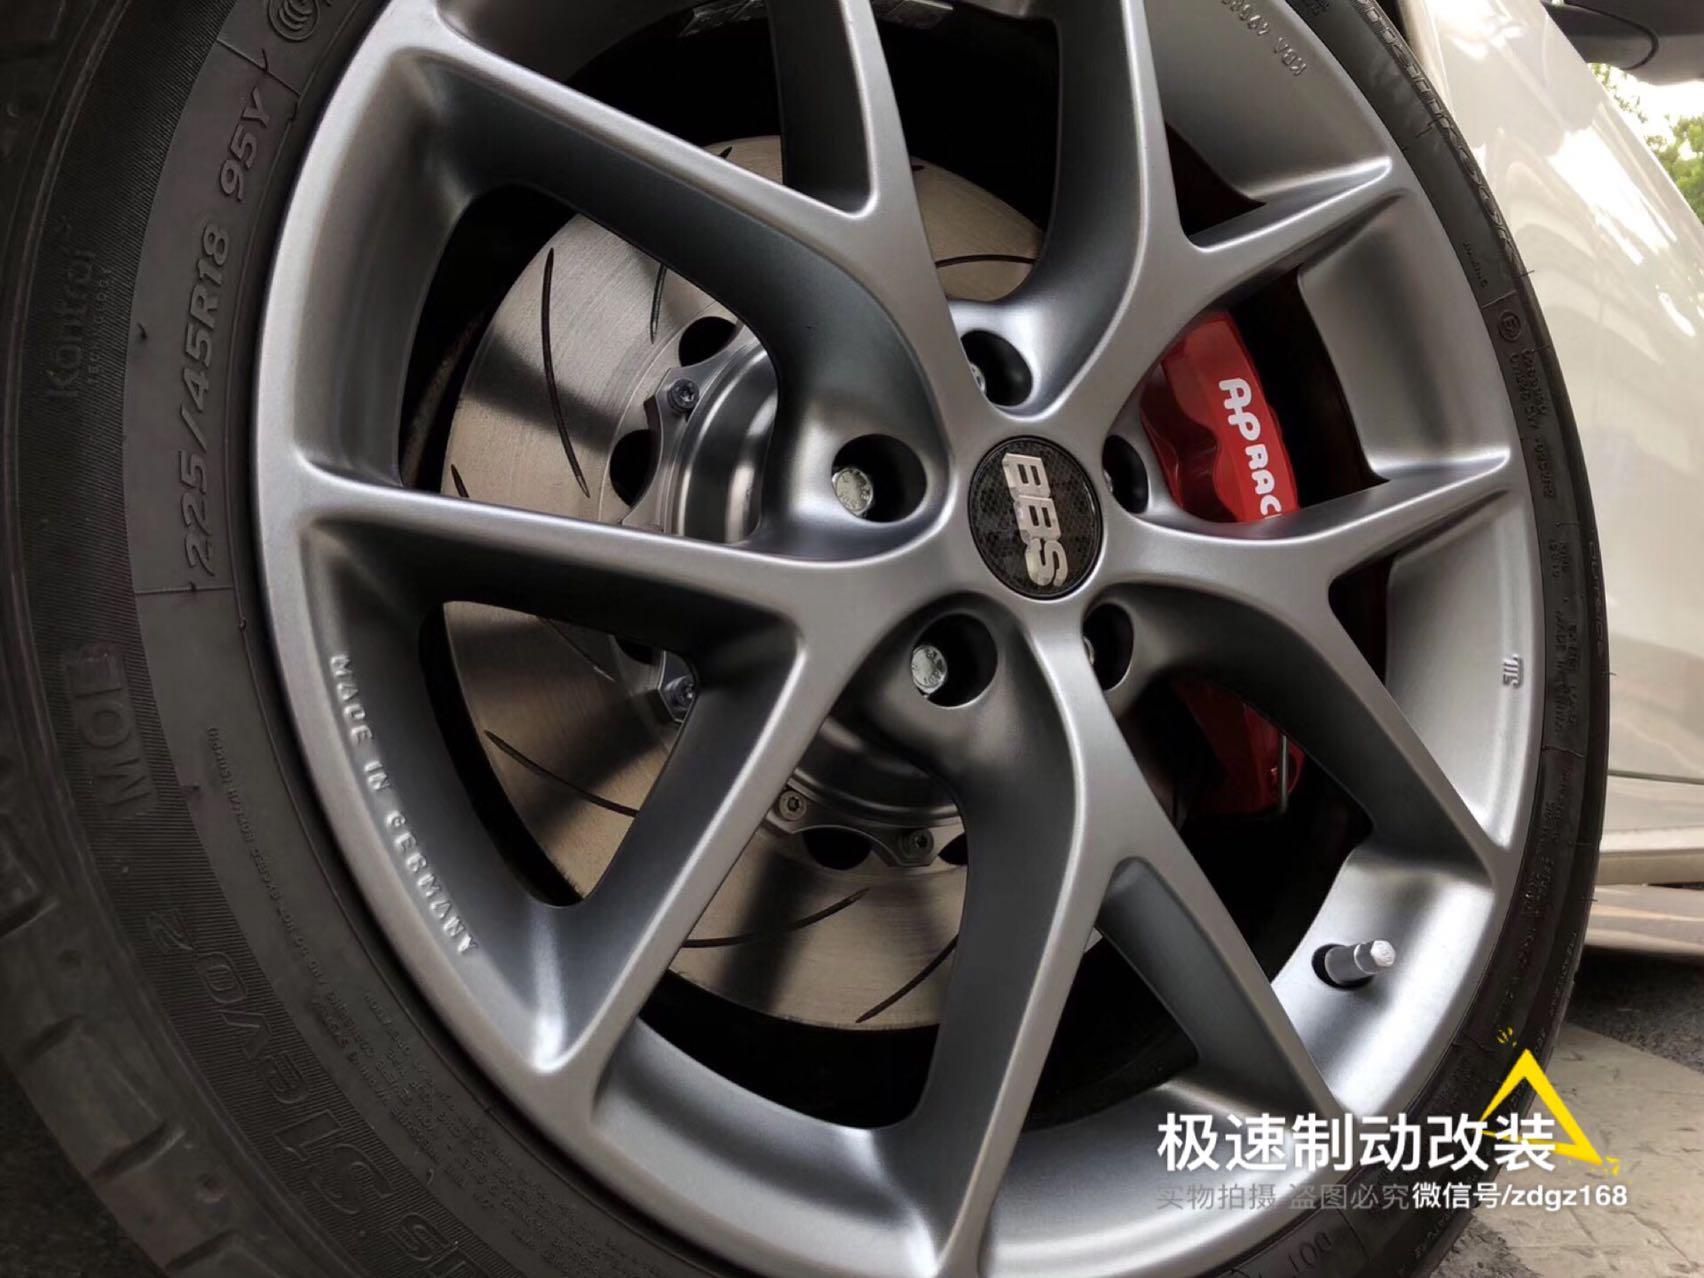 奔驰Benz C200 W205刹车升级前轮AP9040六活塞刹车套装。